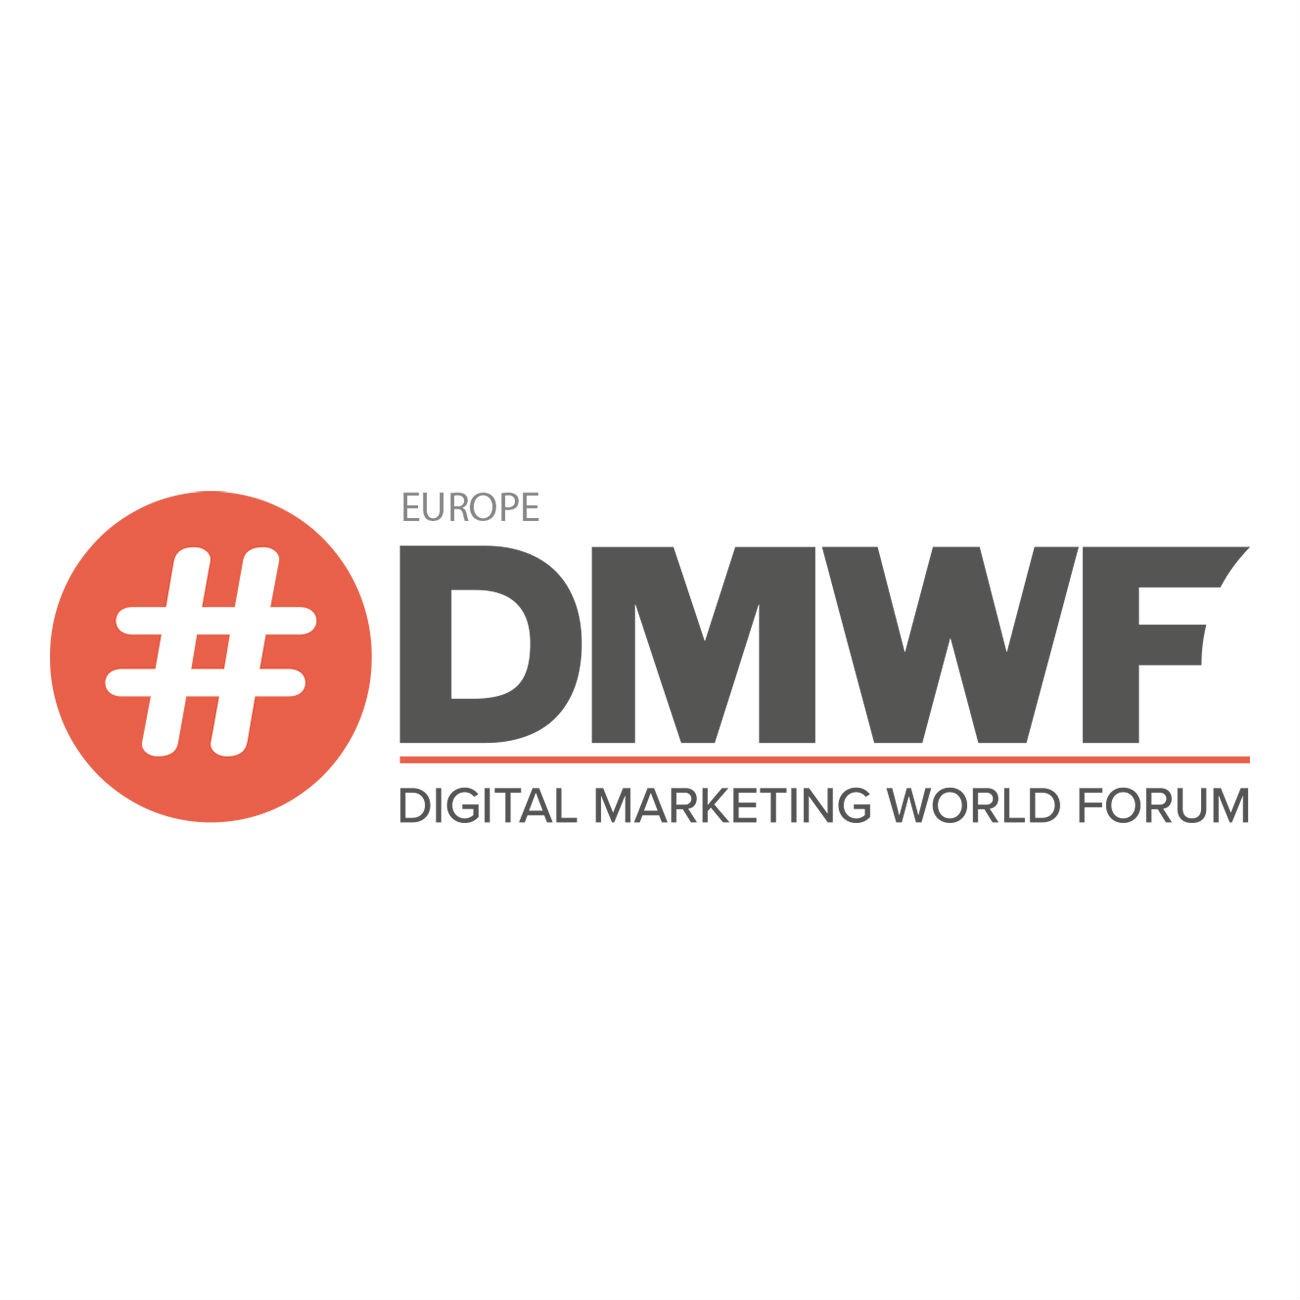 Digital Marketing World Forum -DMWF